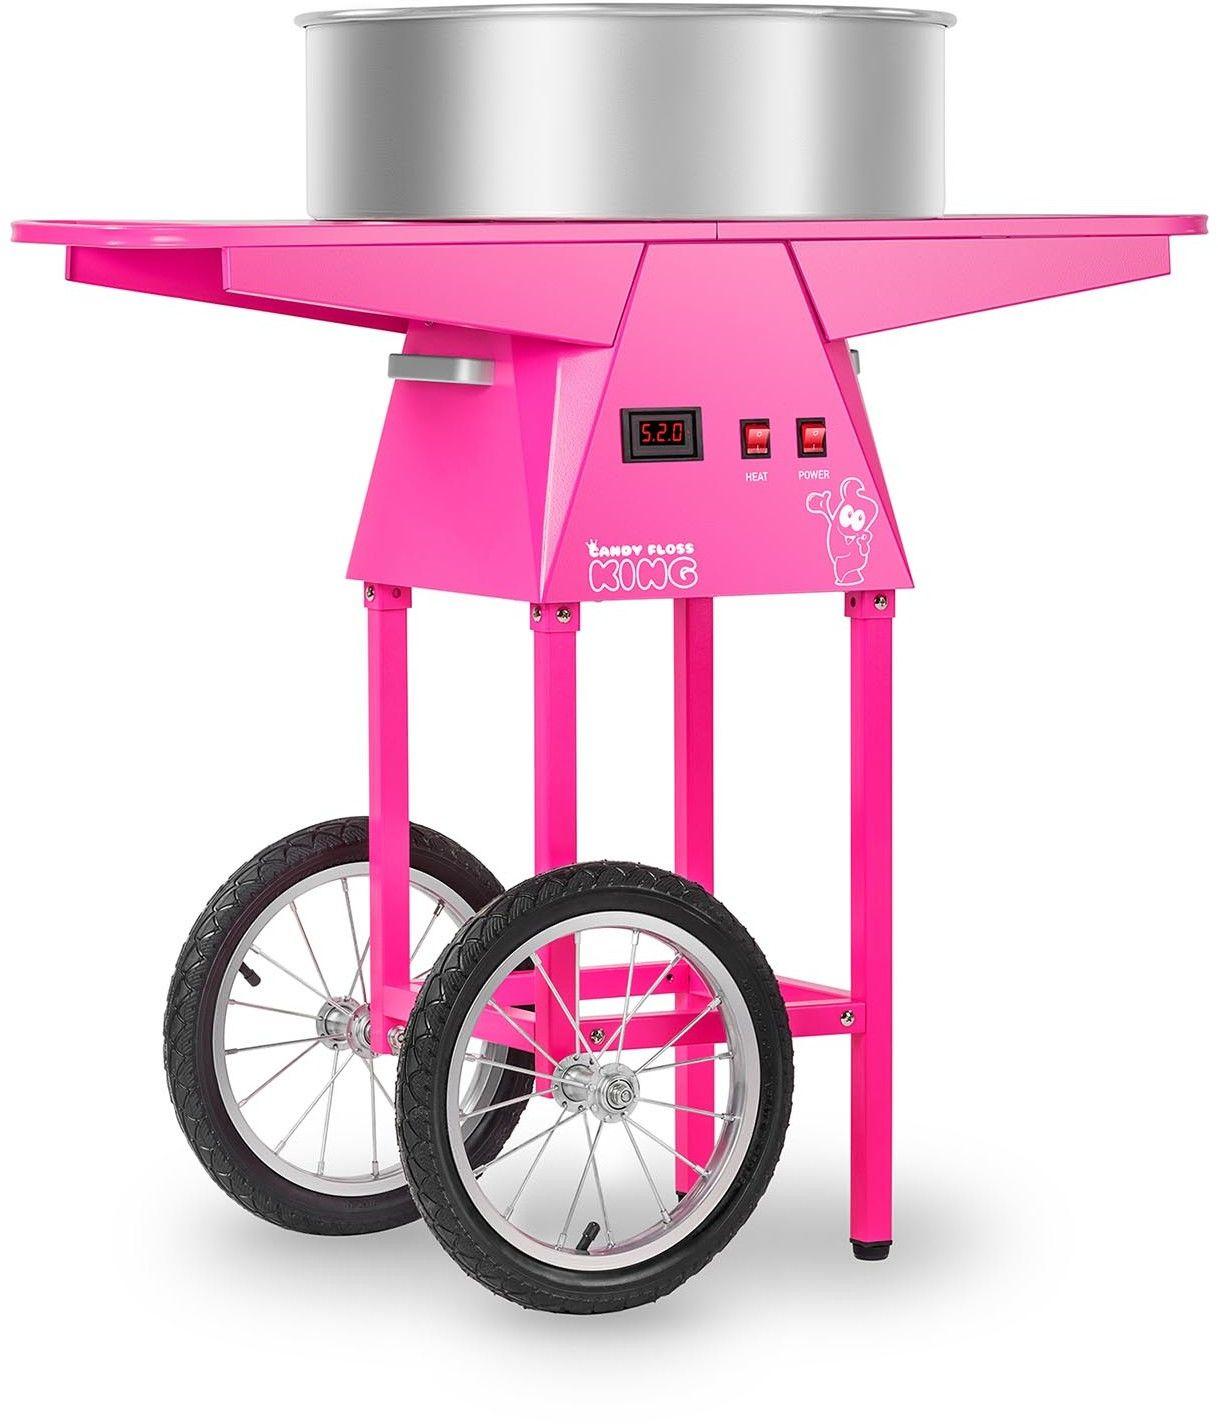 Zestaw Maszyna do waty cukrowej - 52 cm - wózek + Pokrywa ochronna - Royal Catering - RCZK-SET3 - 3 lata gwarancji/wysyłka w 24h